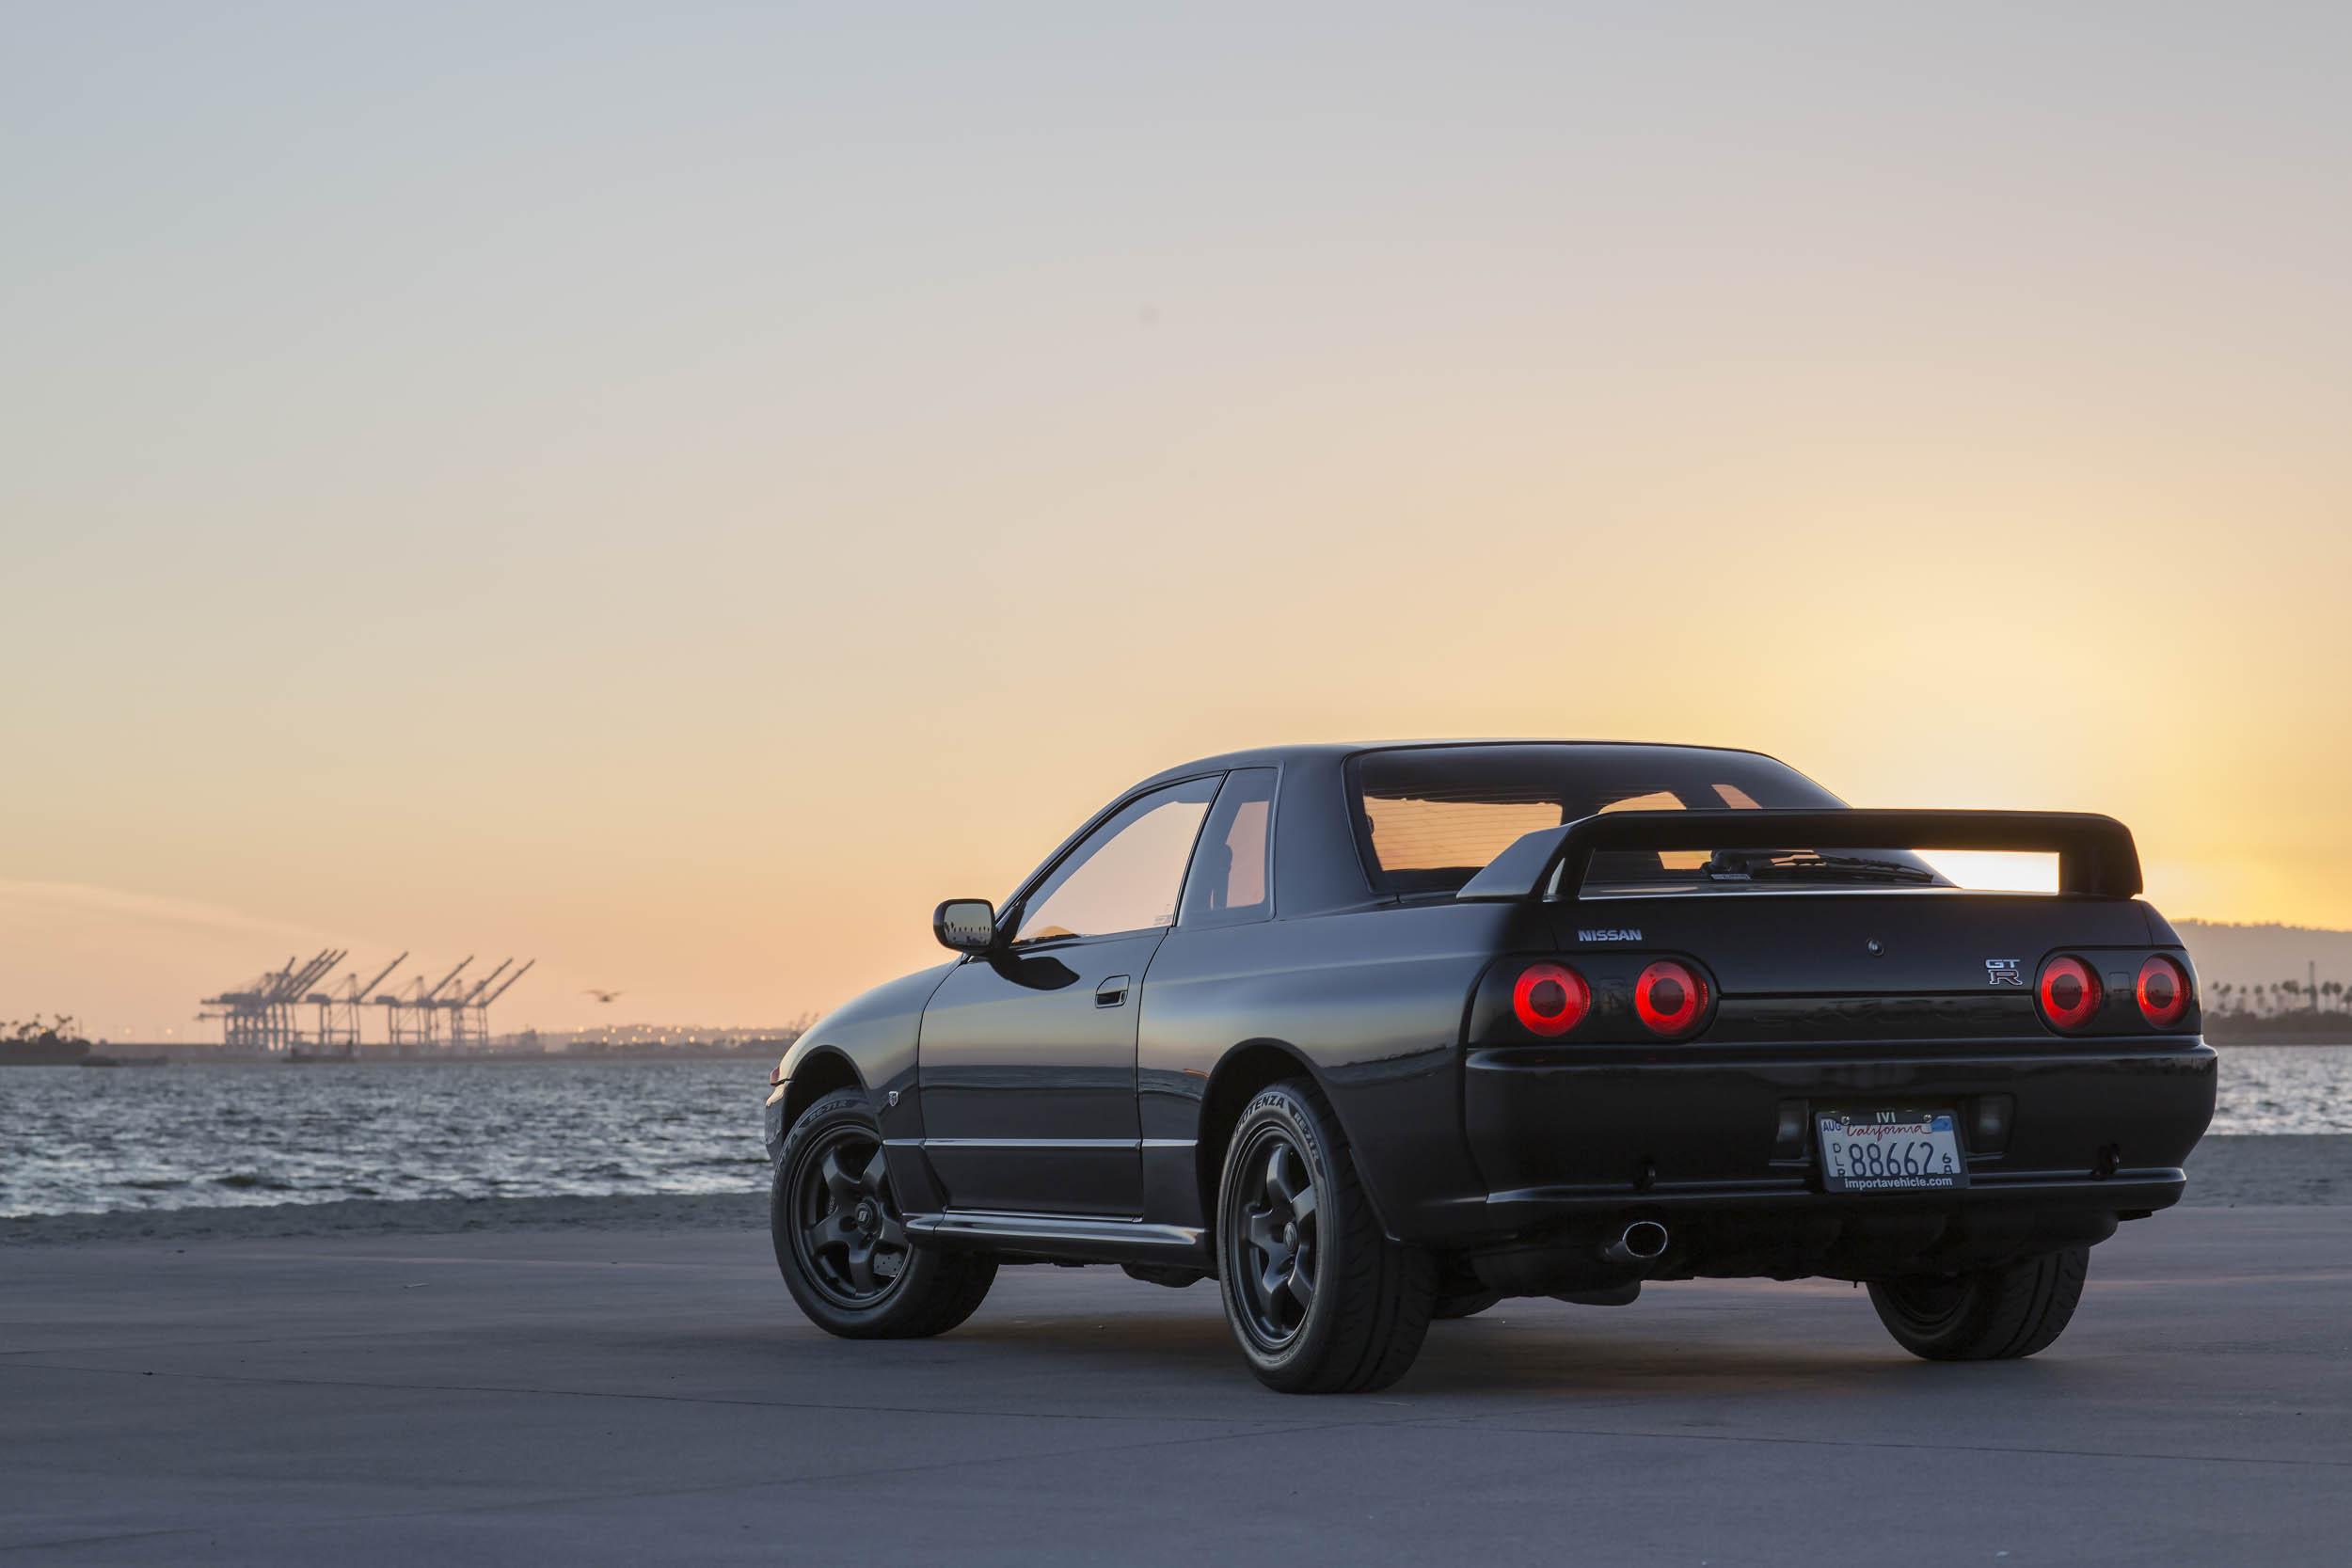 Nissan R32 GT-R rear 3/4